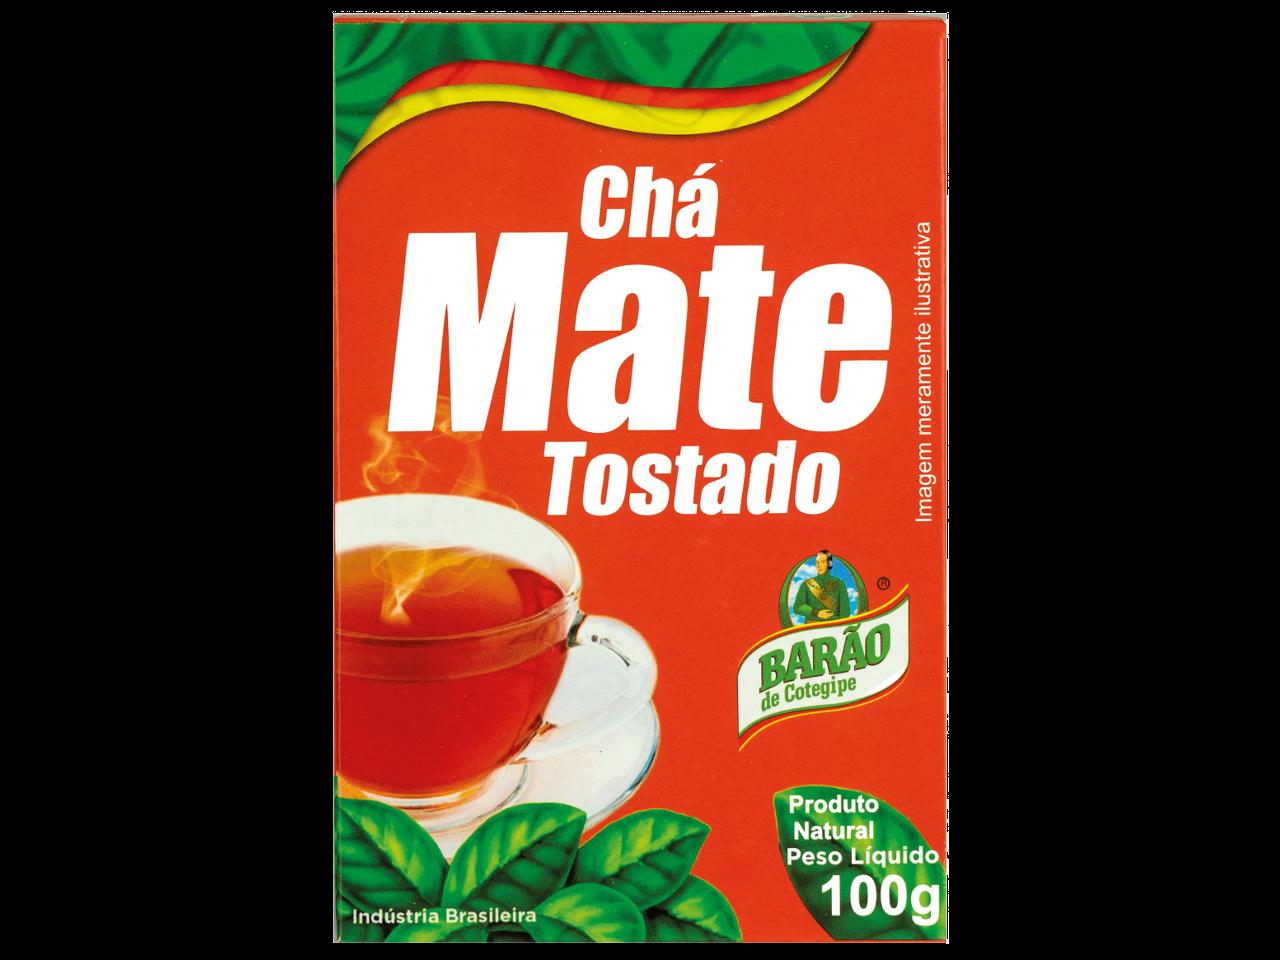 Chá Mate BARÃO Tostado